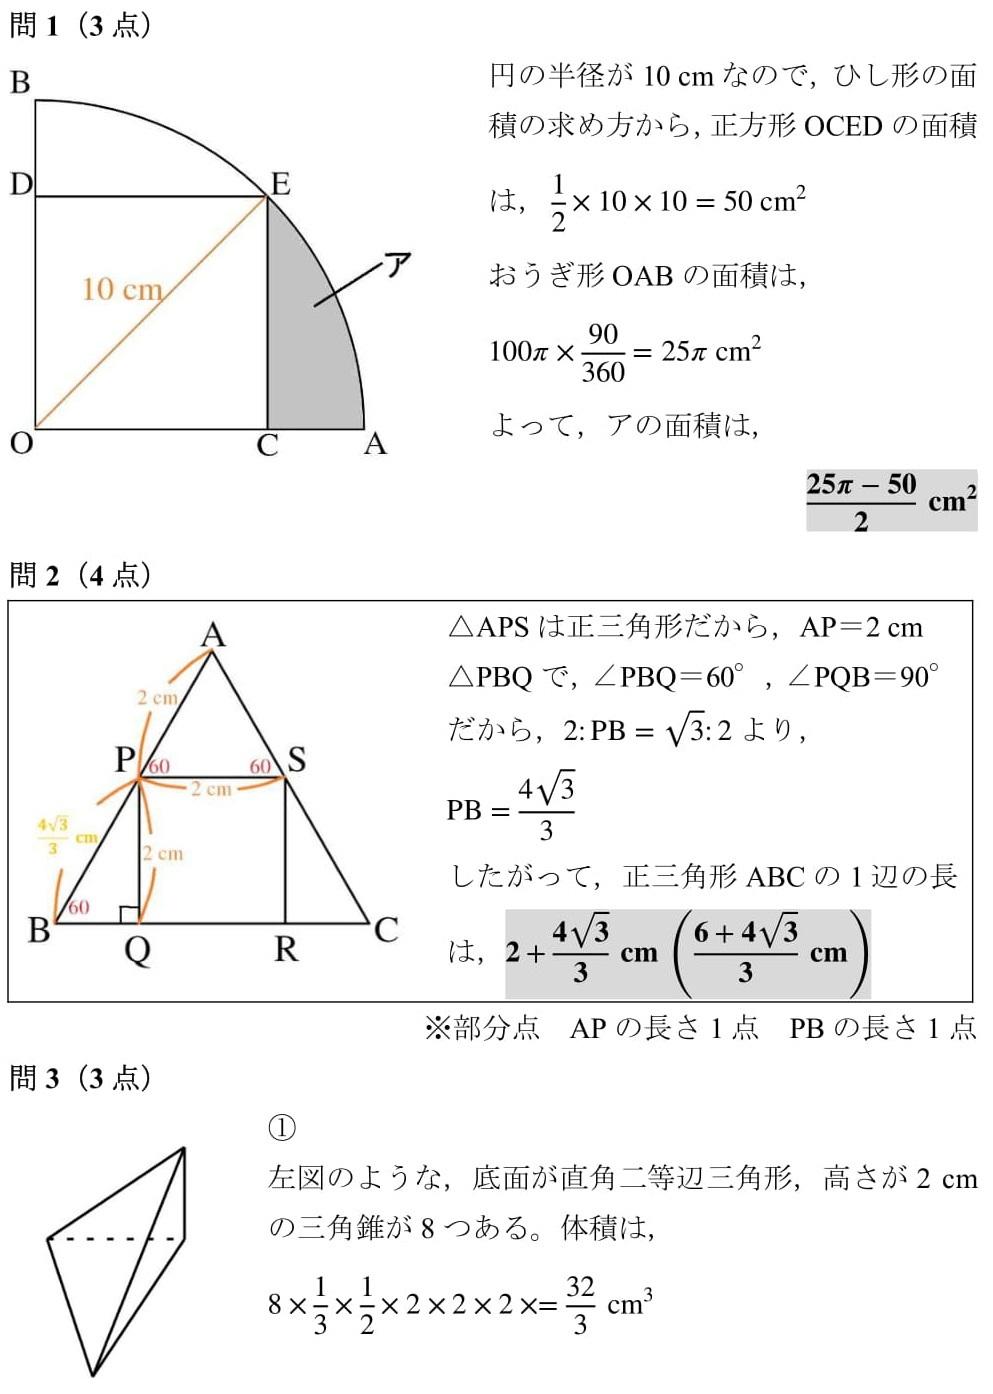 2011 北海道 高校入試 数学 解説 大問6